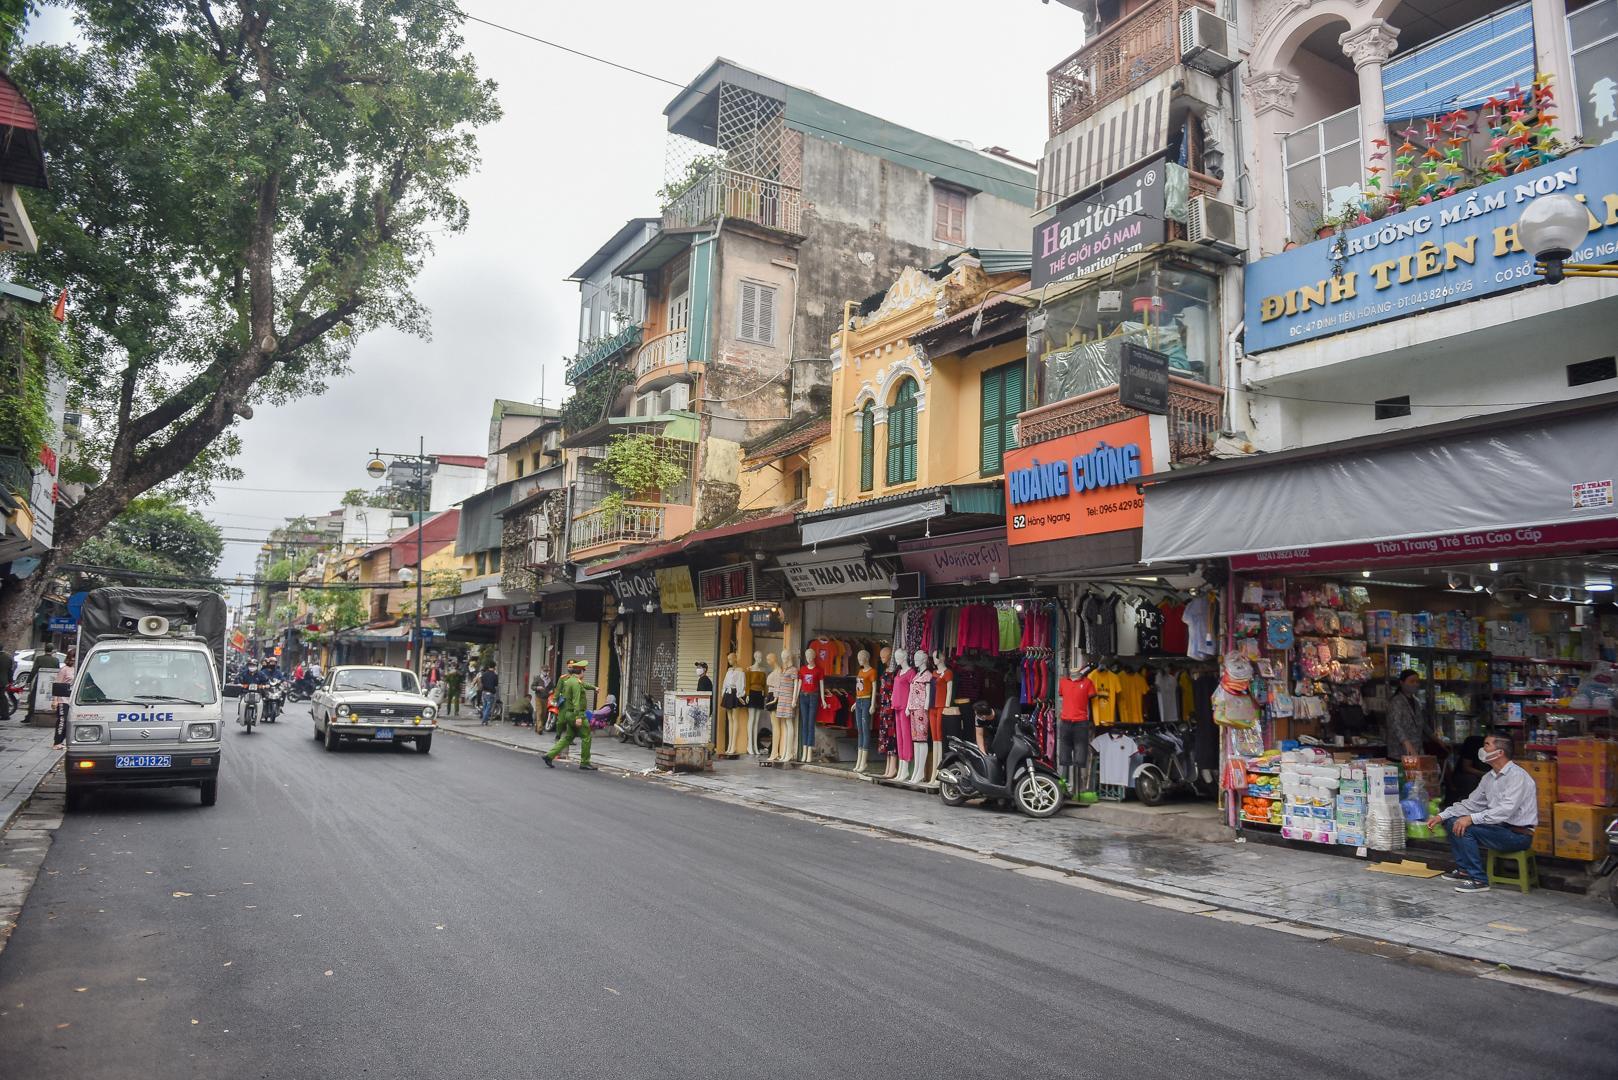 Nhịp sống tại Hà Nội dần trở lại sau nới lỏng cách ly xã hội Ảnh 2